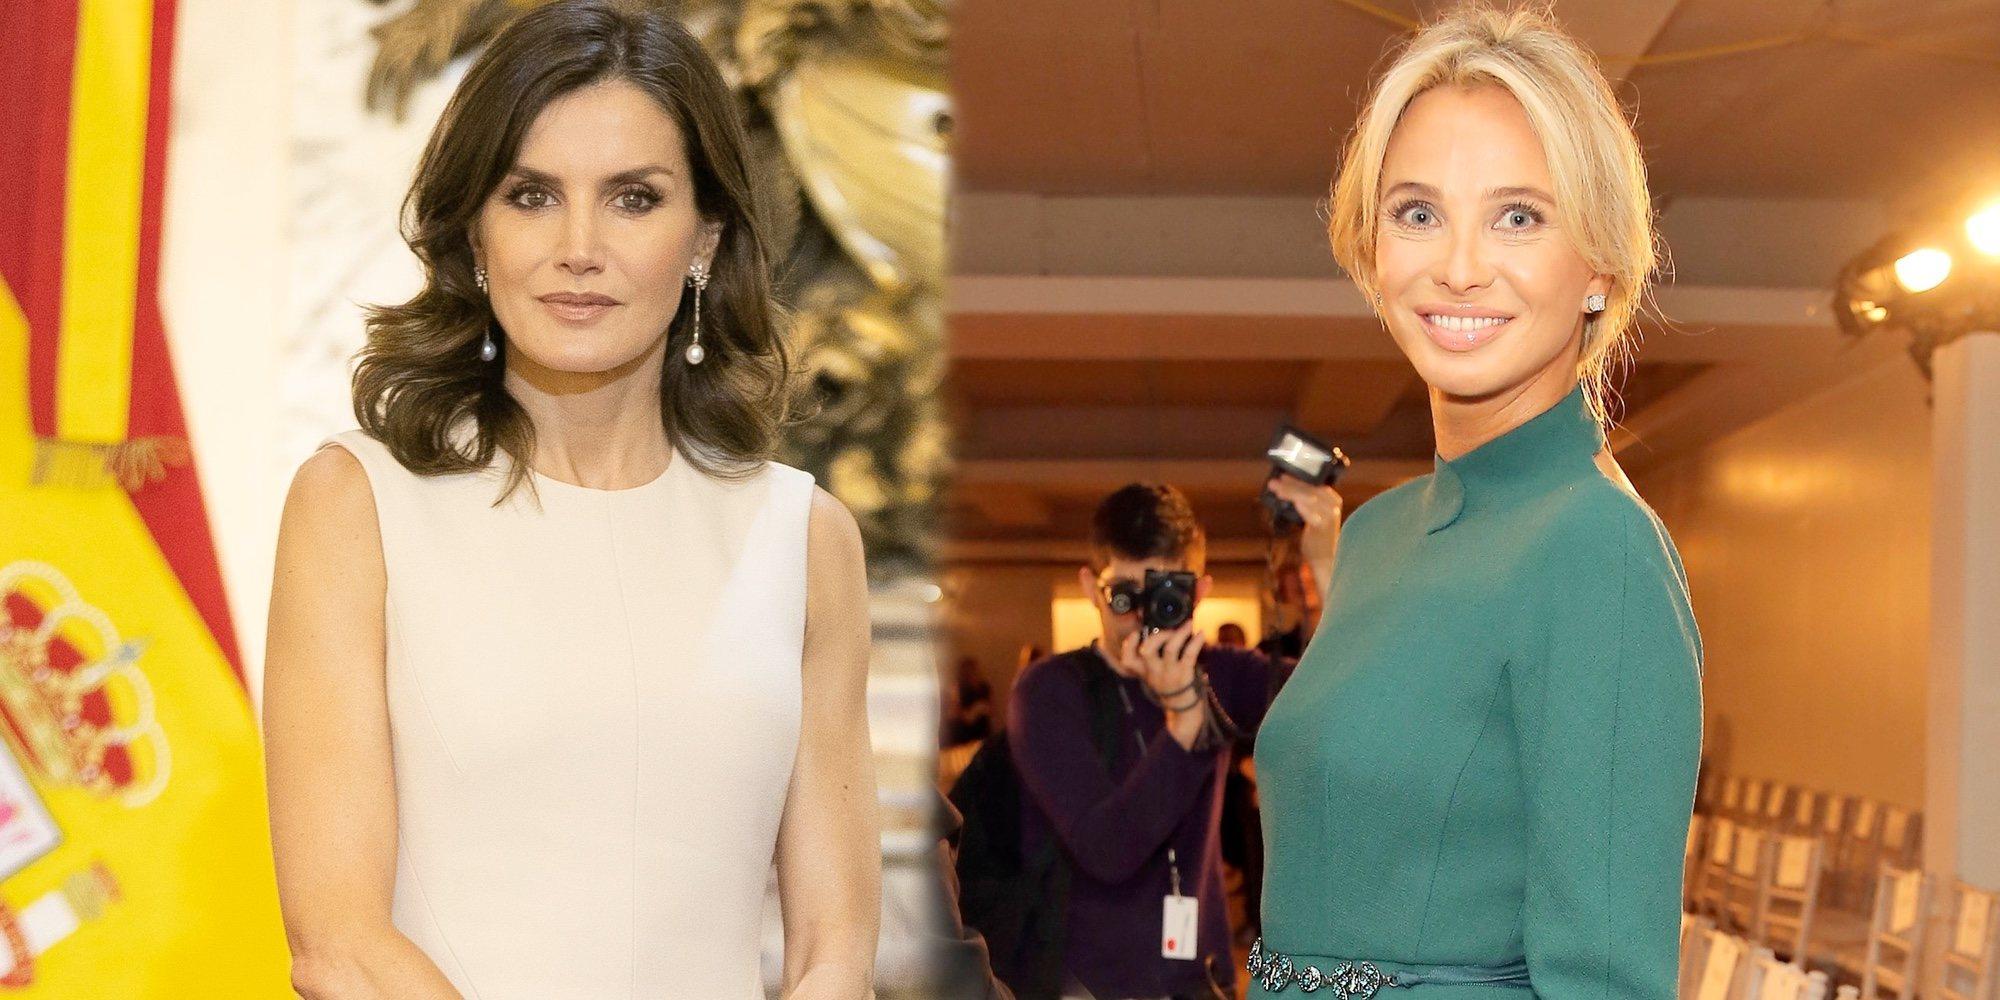 Nueva guerra en Casa Real: ¿Insinúa Corinna que Letizia filtró a la prensa el viaje del Rey Juan Carlos a Botsuana?